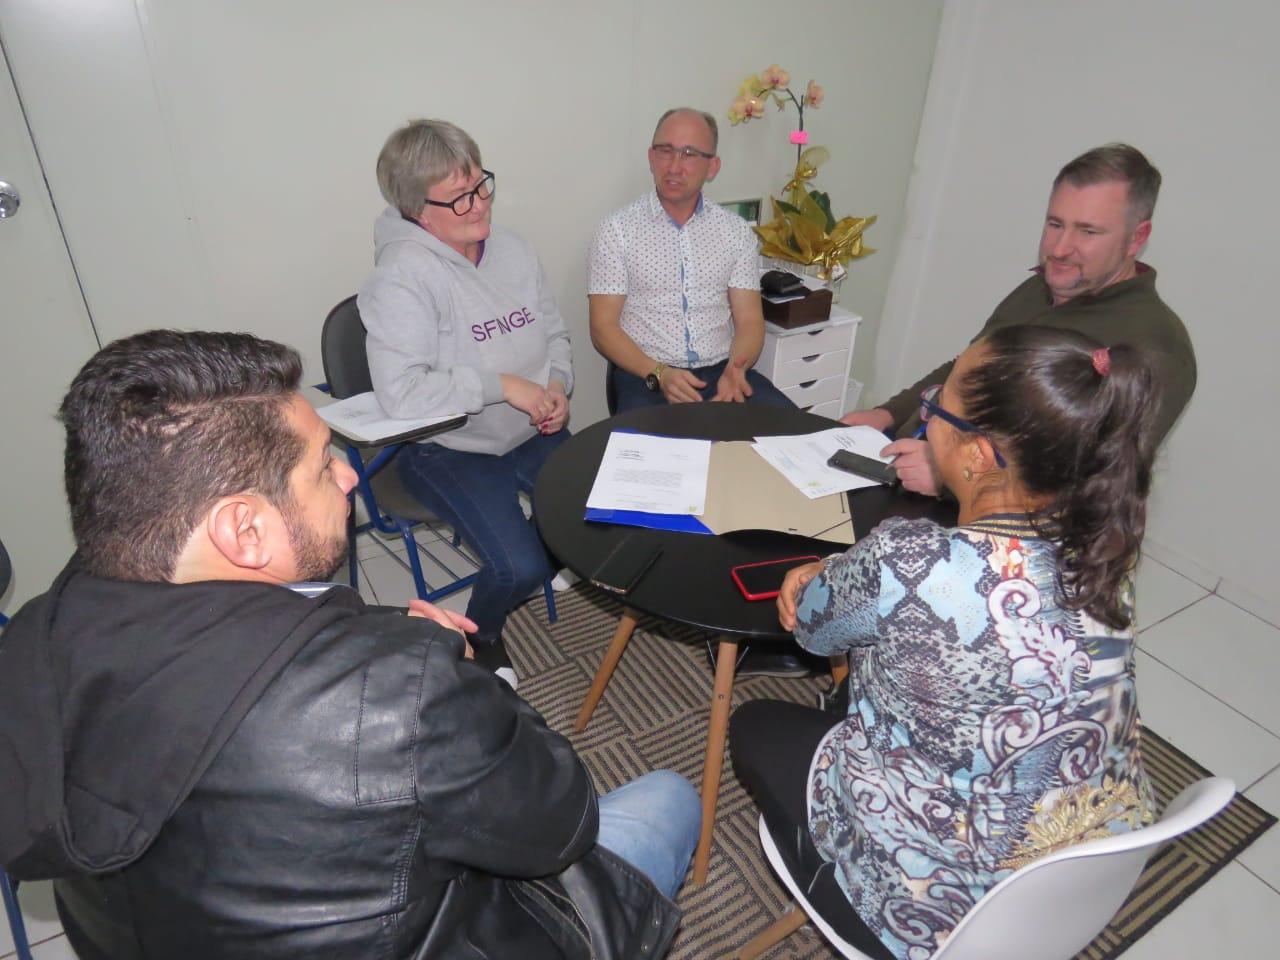 Associação Sfinge Futsal de União da Vitória pede suporte de Bacil